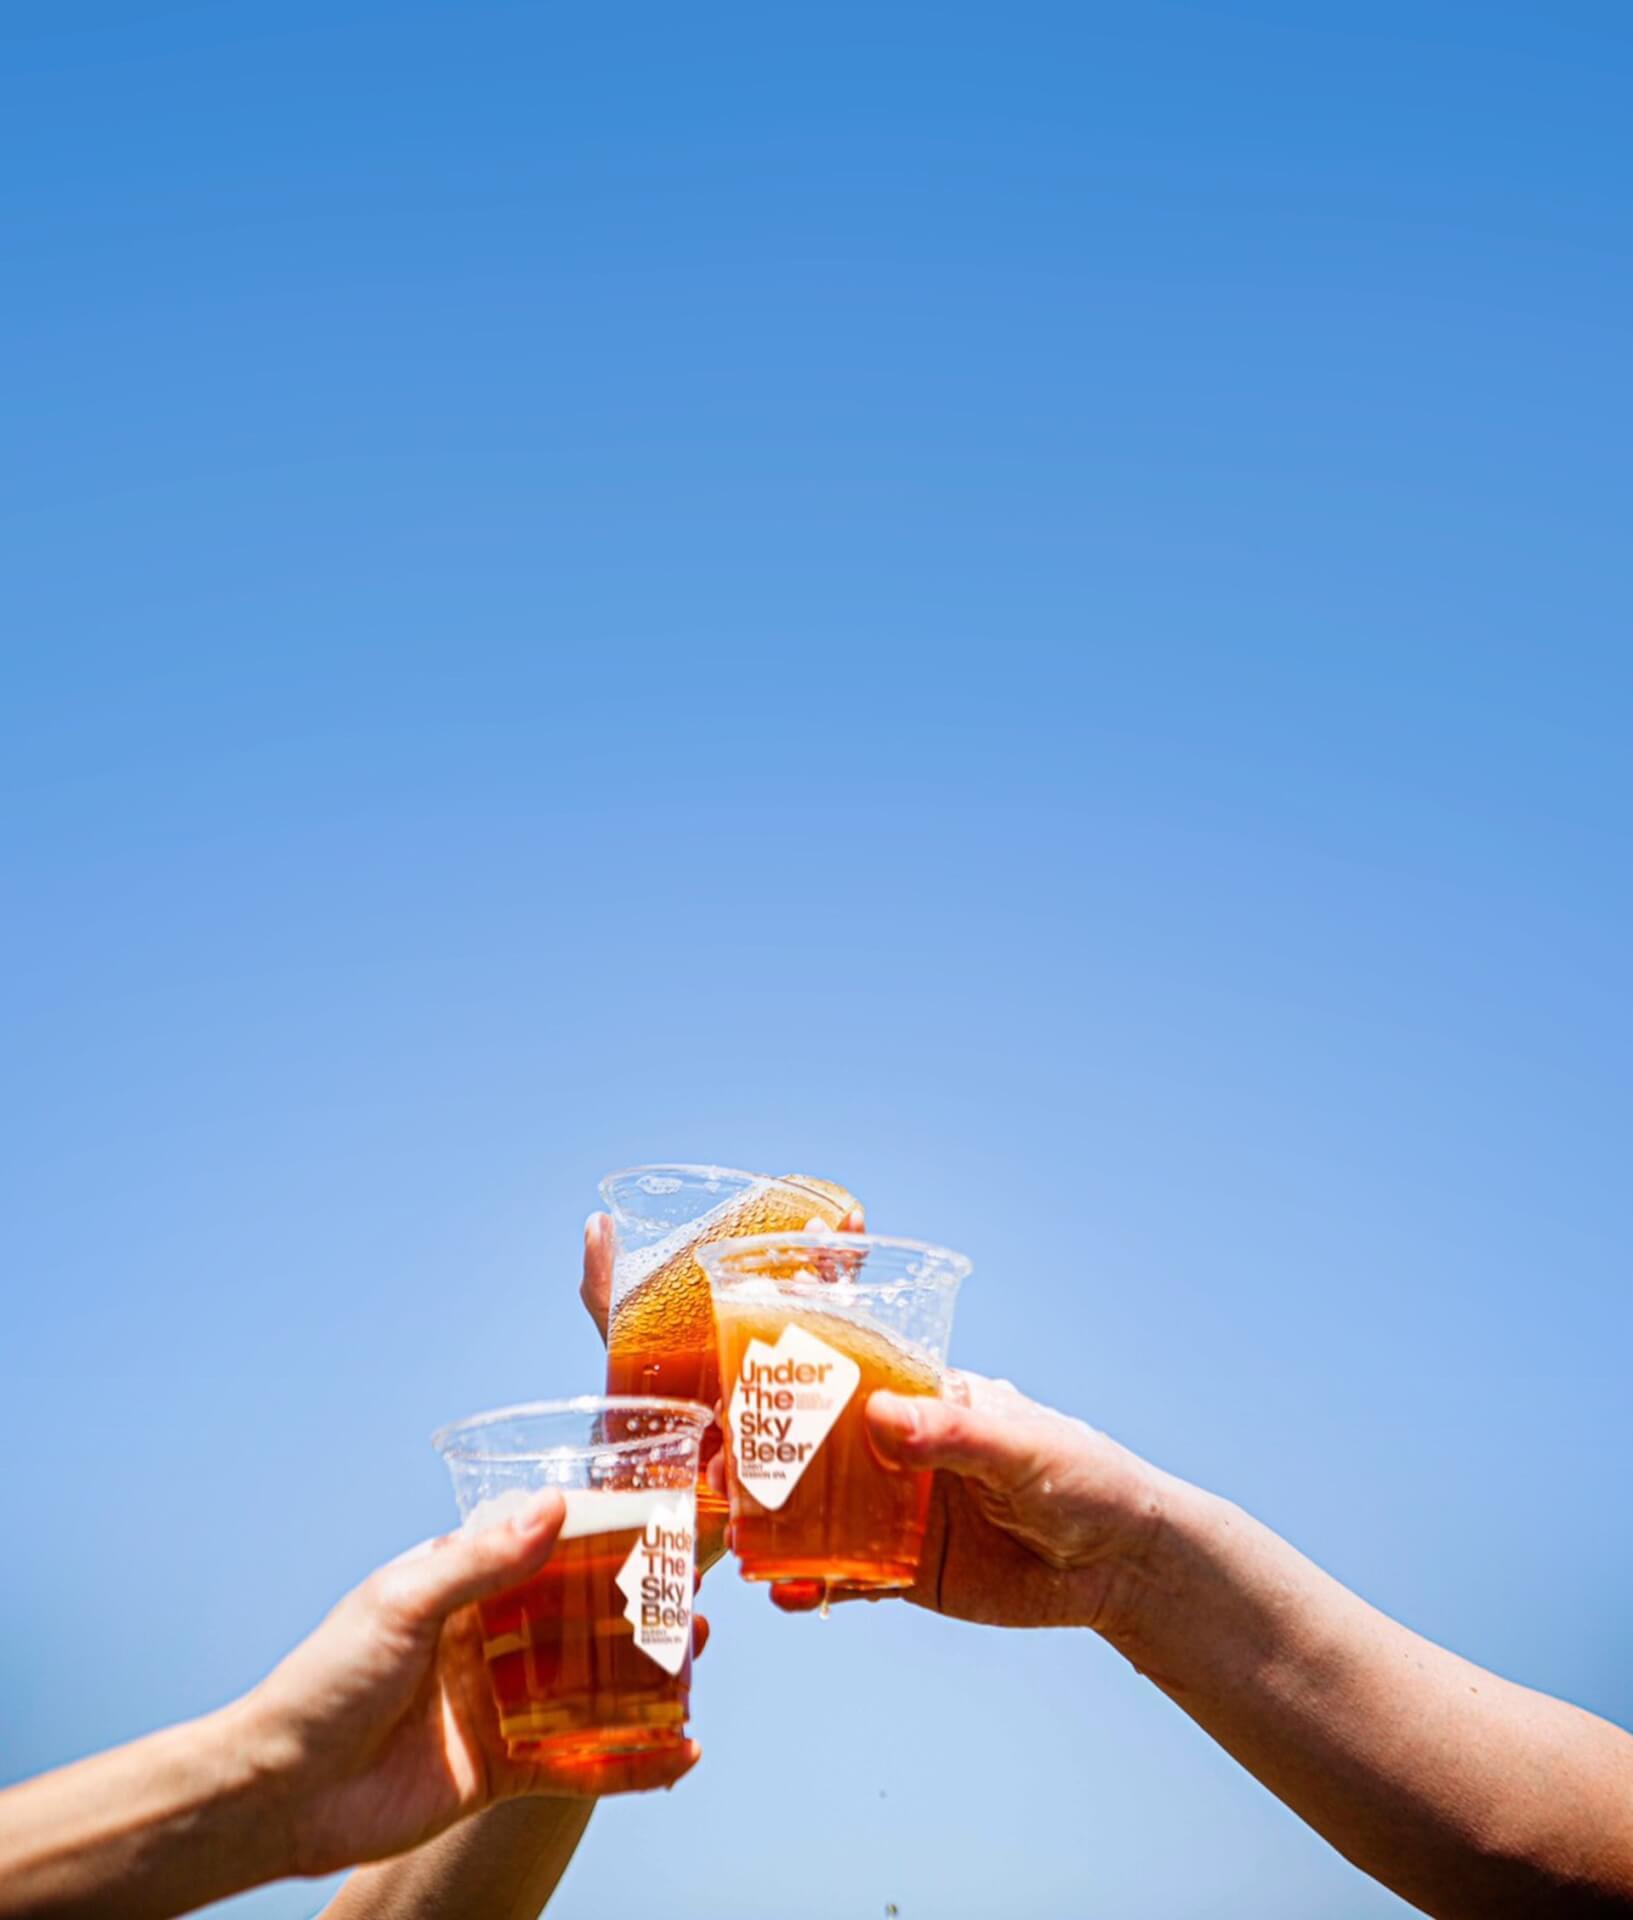 横浜FC×横浜ビールがコラボ!オリジナルビール「Under The Sky Beer~SUNNY Session IPA~」が発売に gourmet210426_yokohamabeer-210426_2